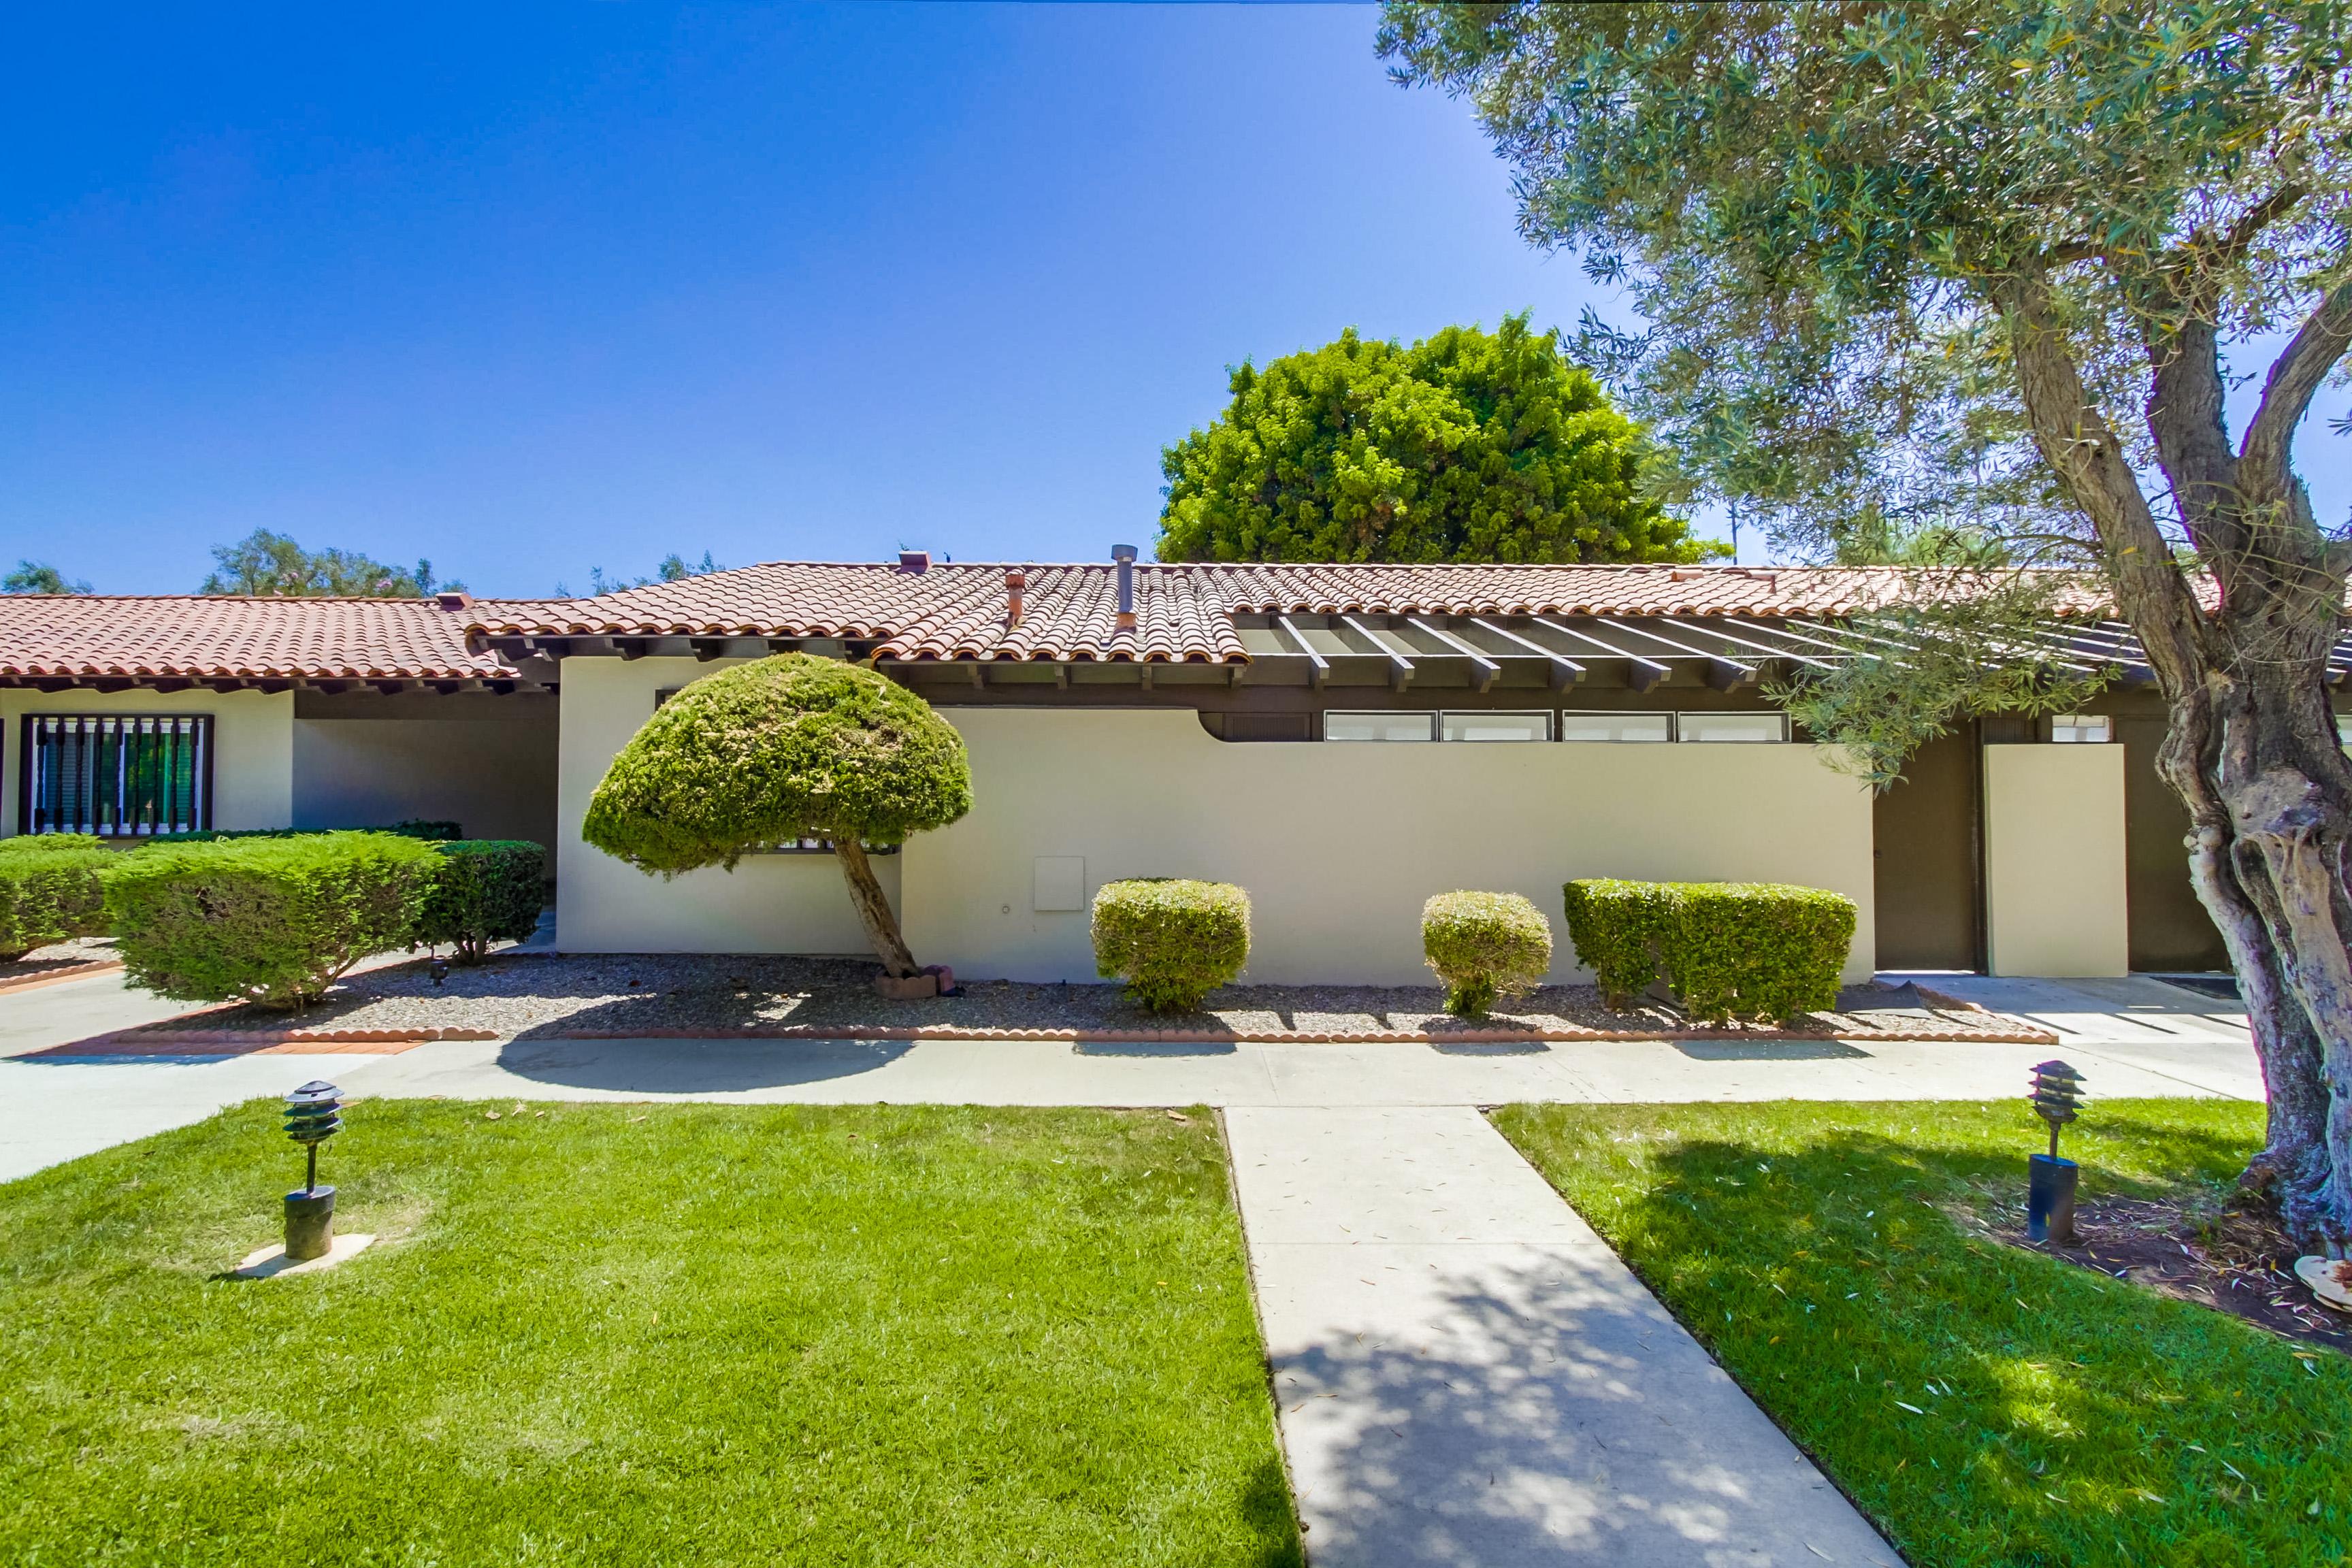 Rancho Bernardo Road San Diego CA 92128  CT Homes LLC